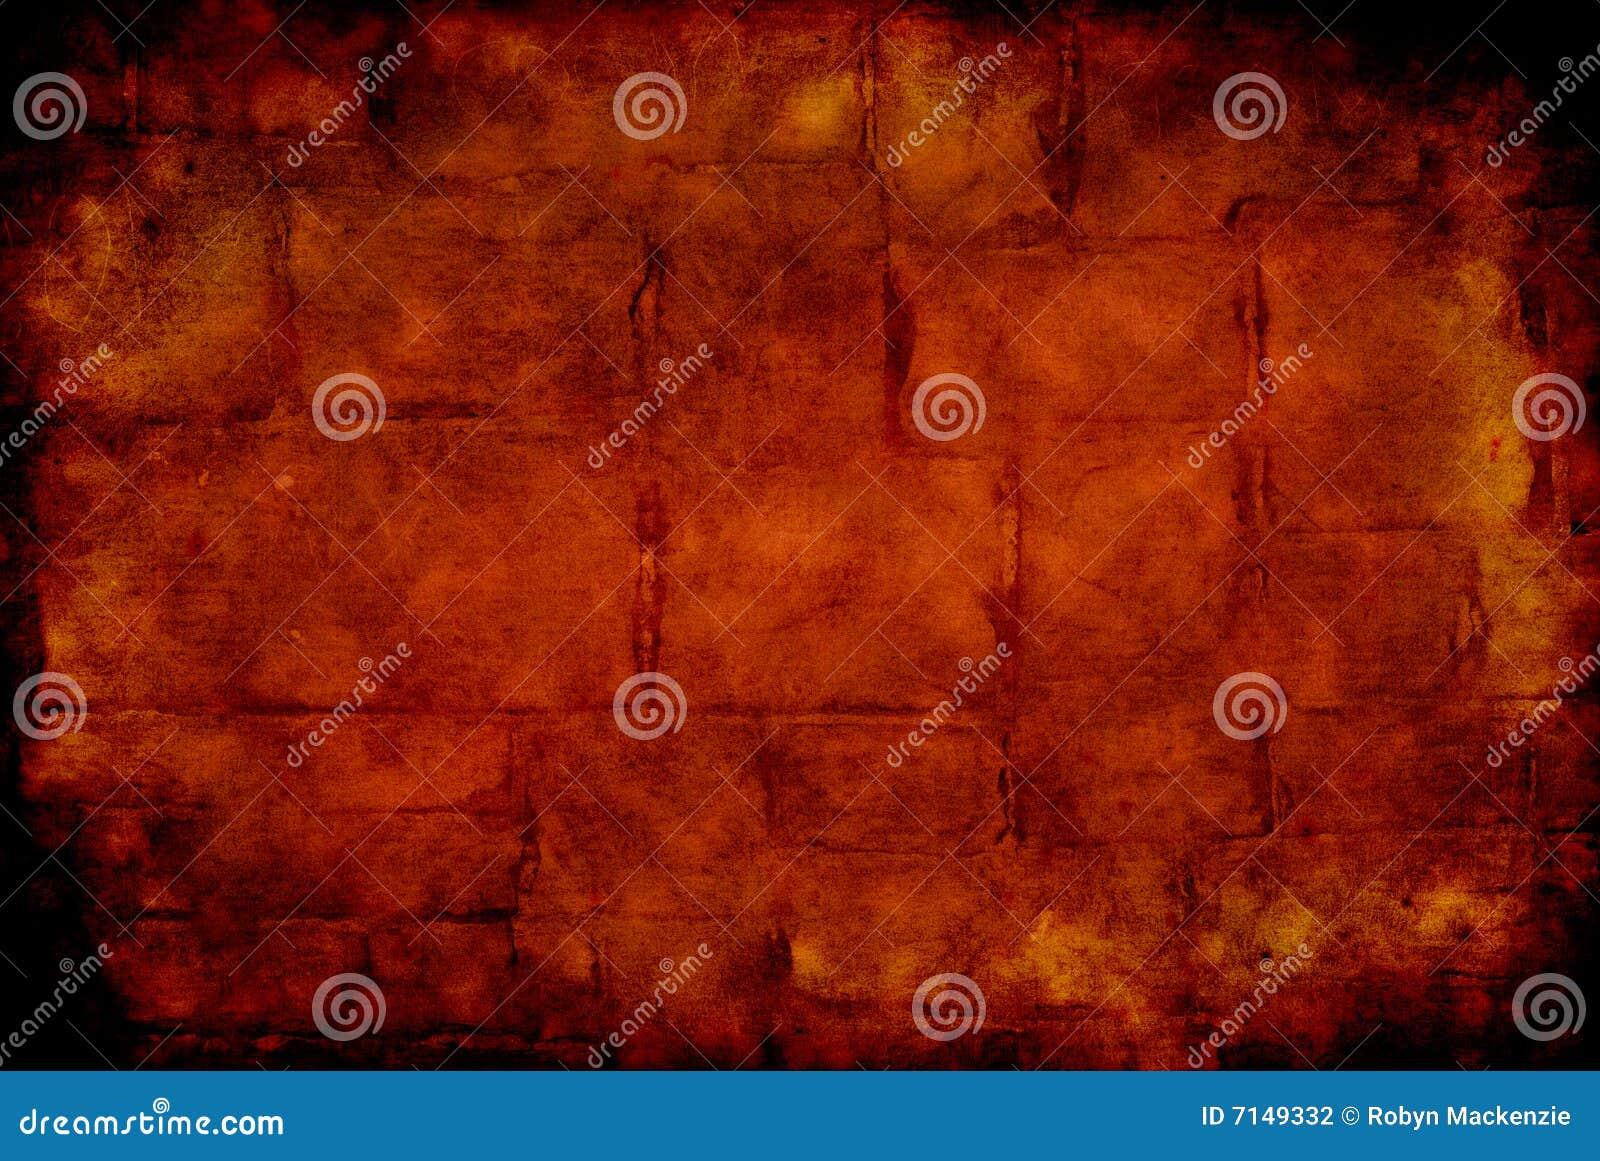 Brick Grunge Background